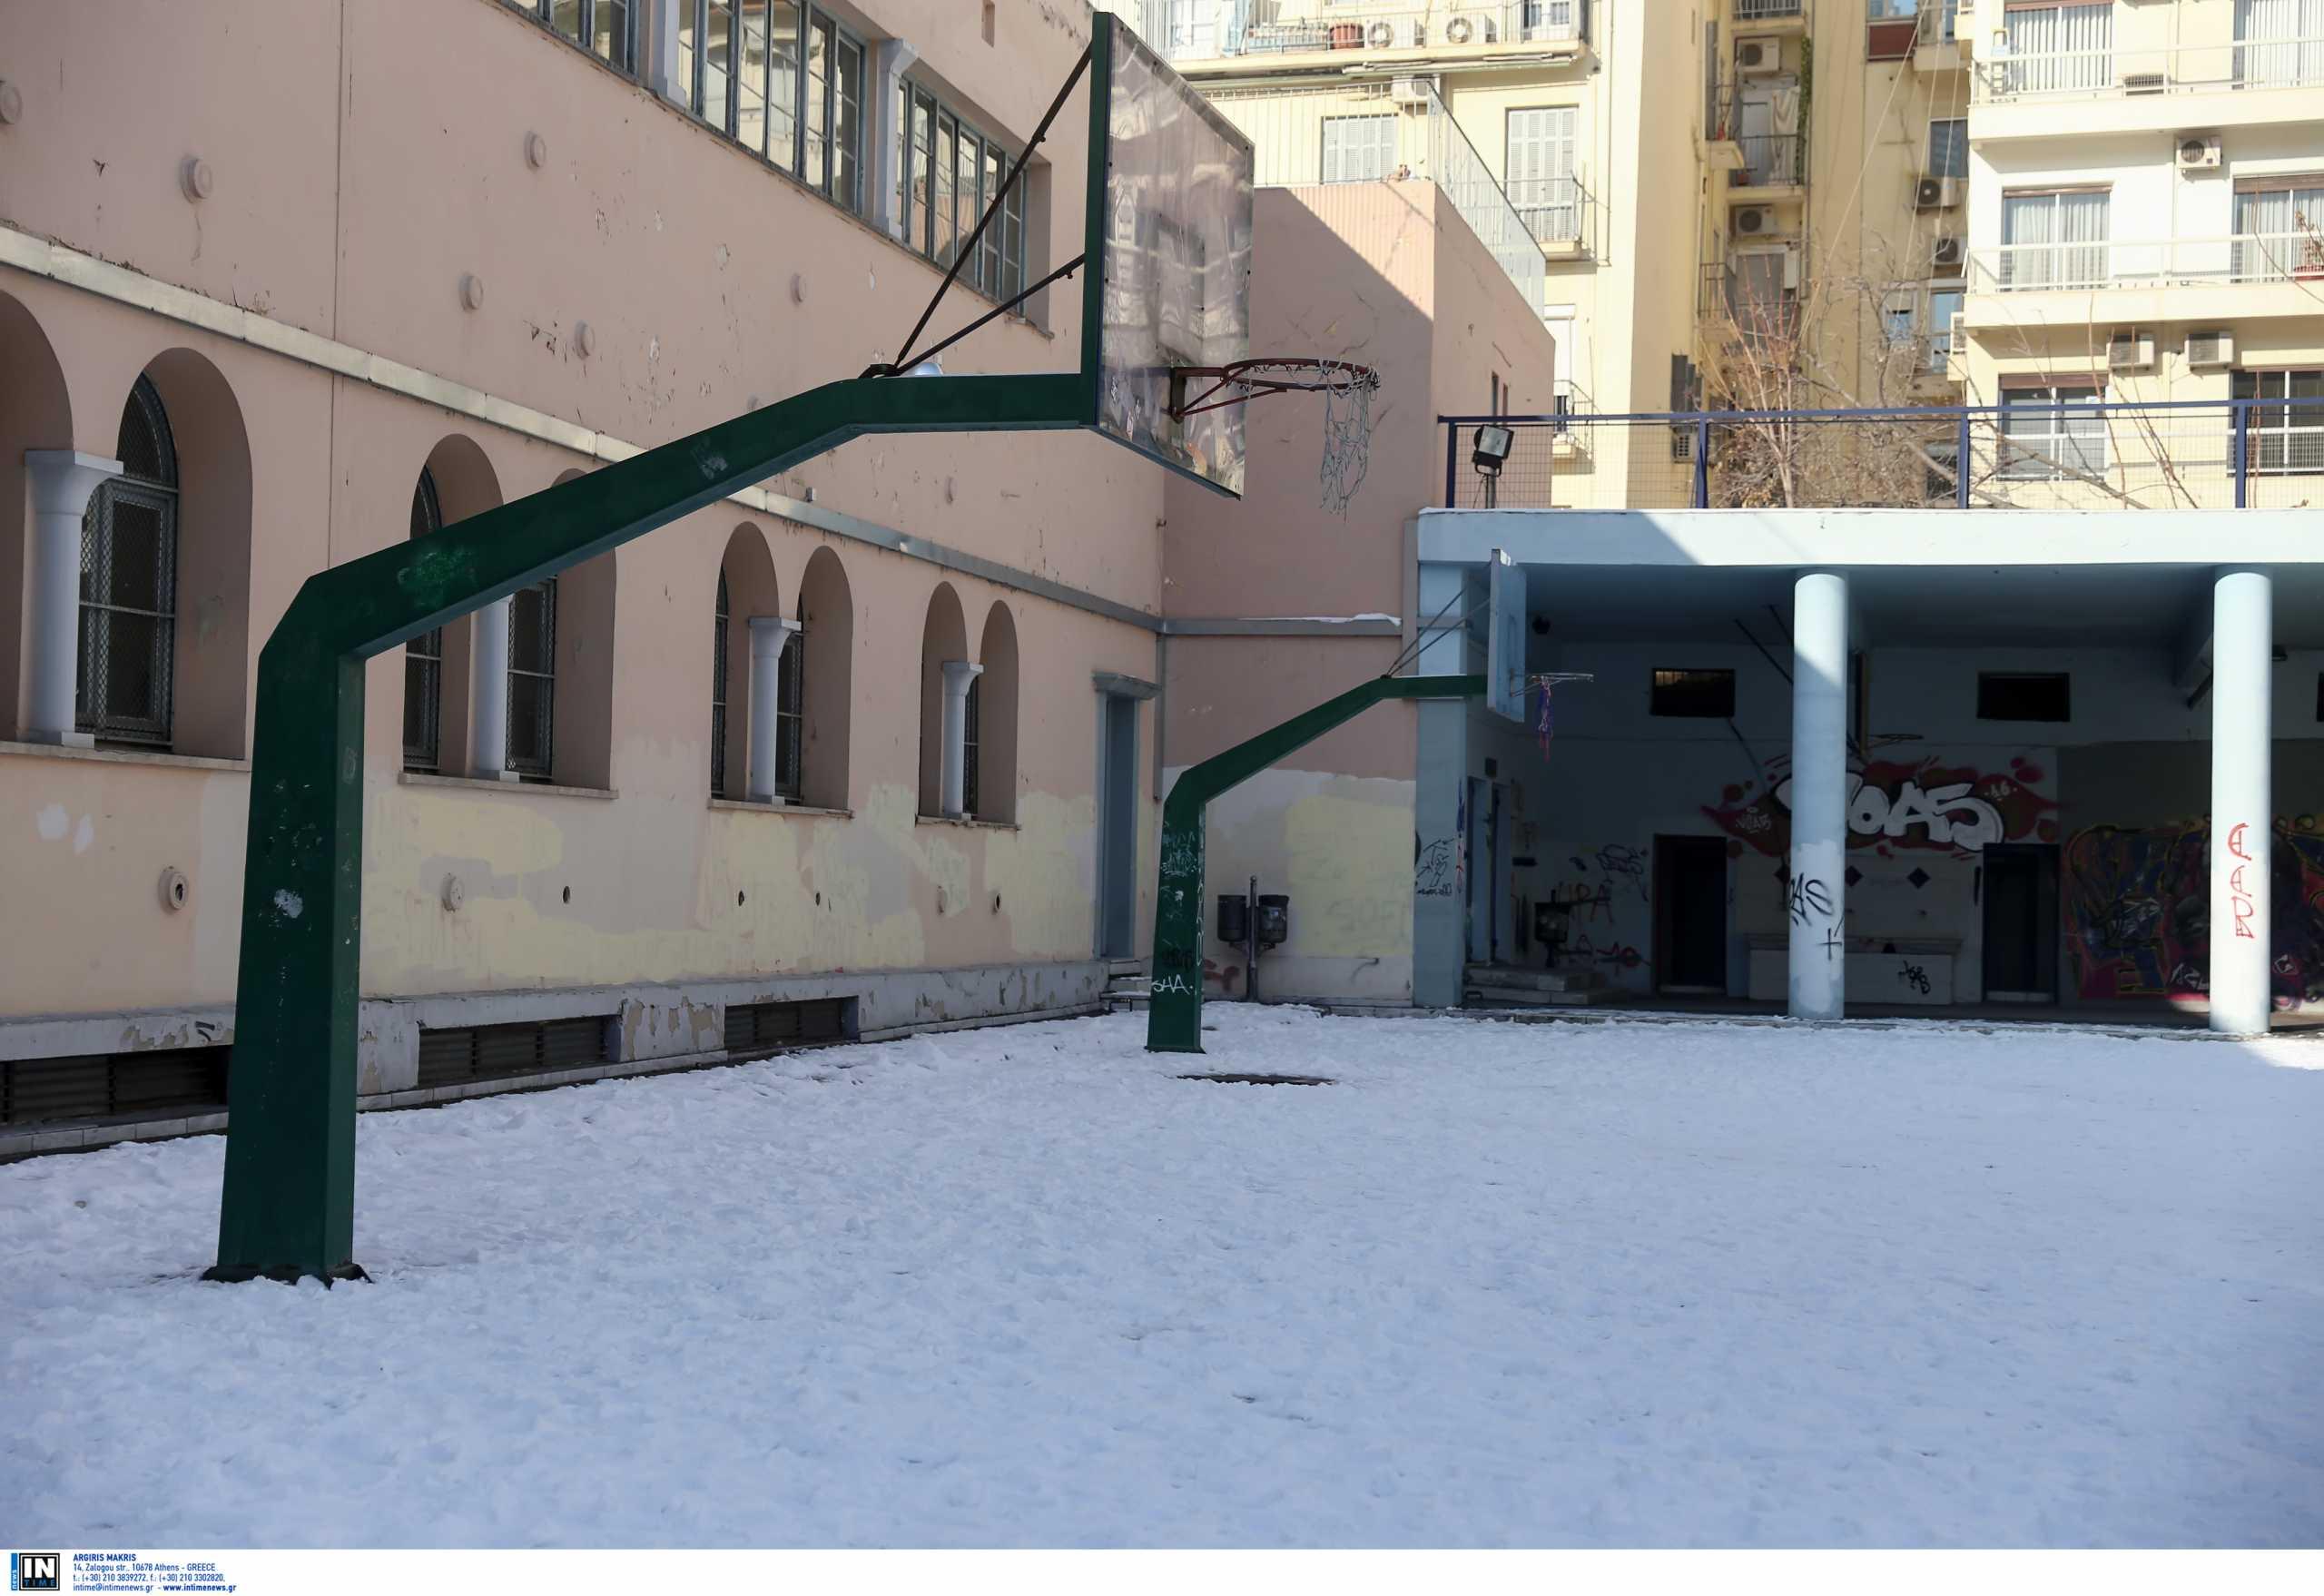 Κλειστά σχολεία: Σε ποιες περιοχές δεν θα γίνουν μαθήματα αύριο Δευτέρα 15 Φεβρουαρίου